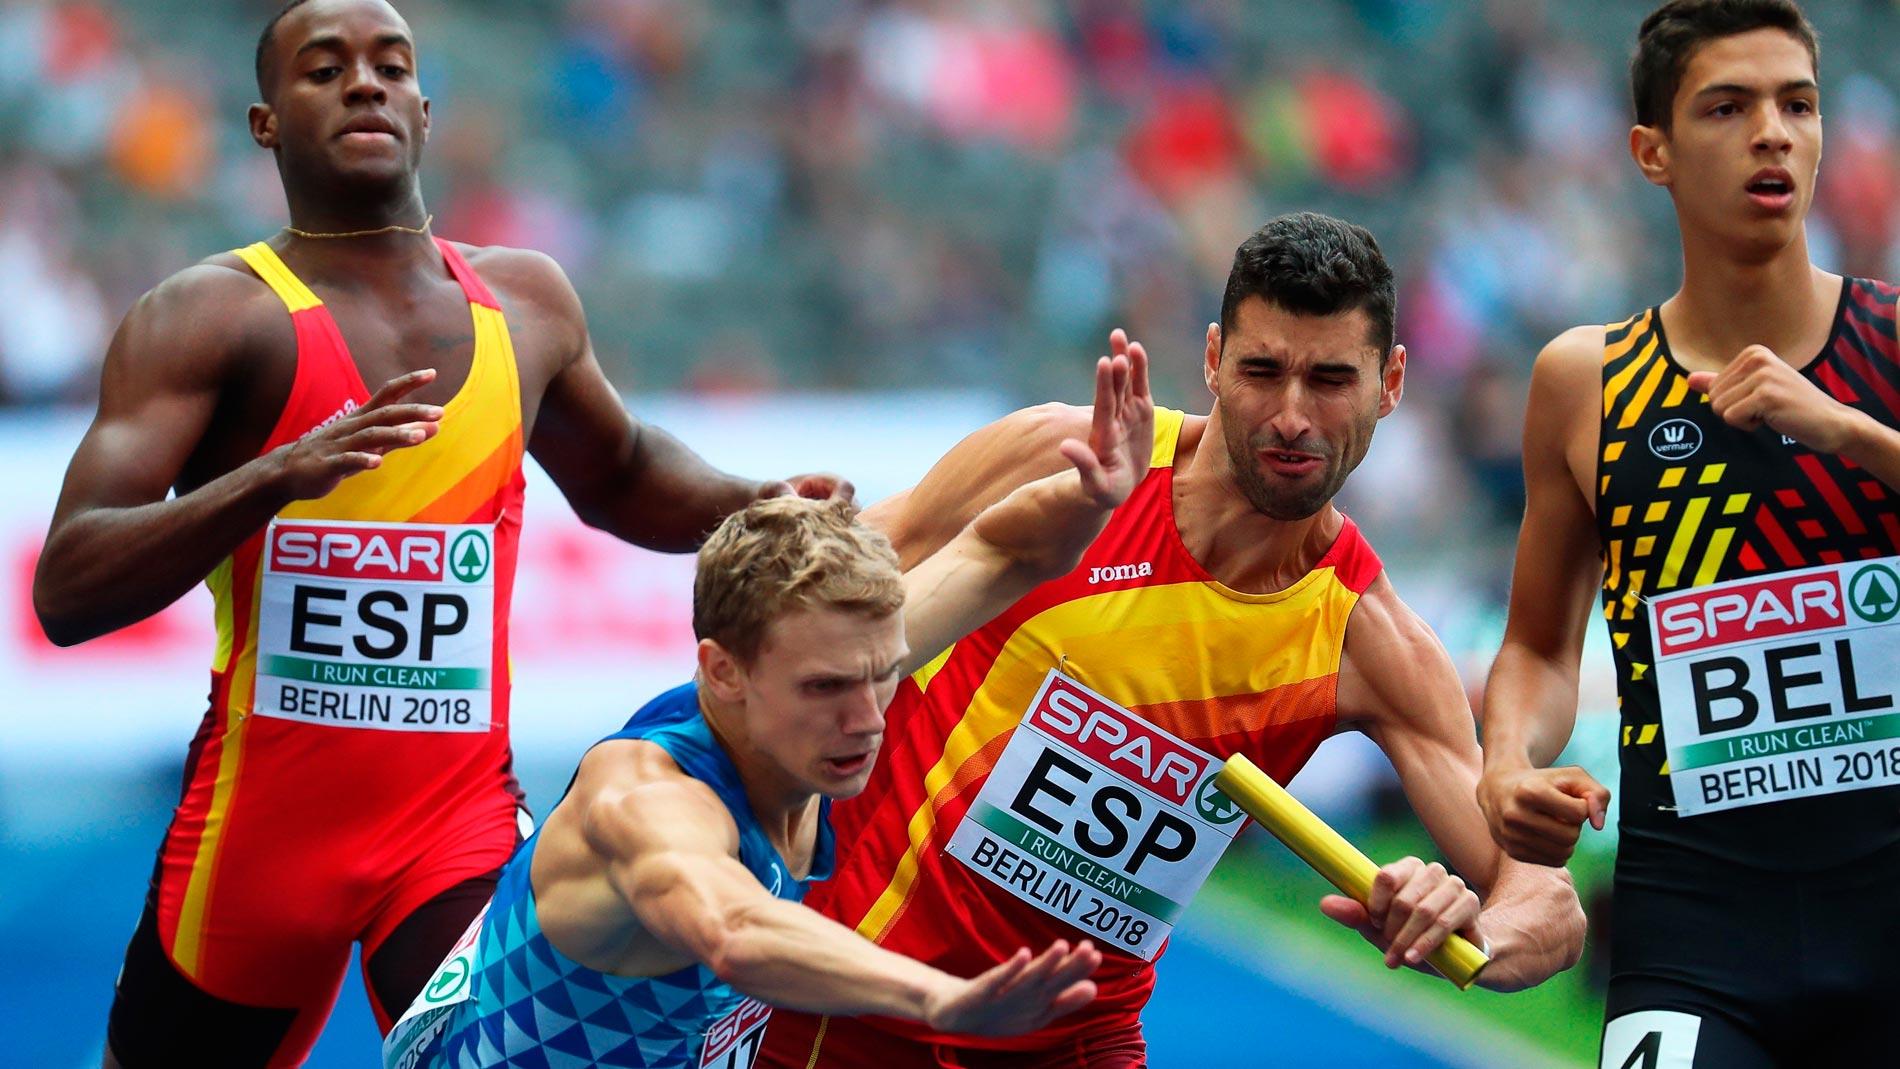 European Championships. El relevo masculino 4x400, a la final con suspense